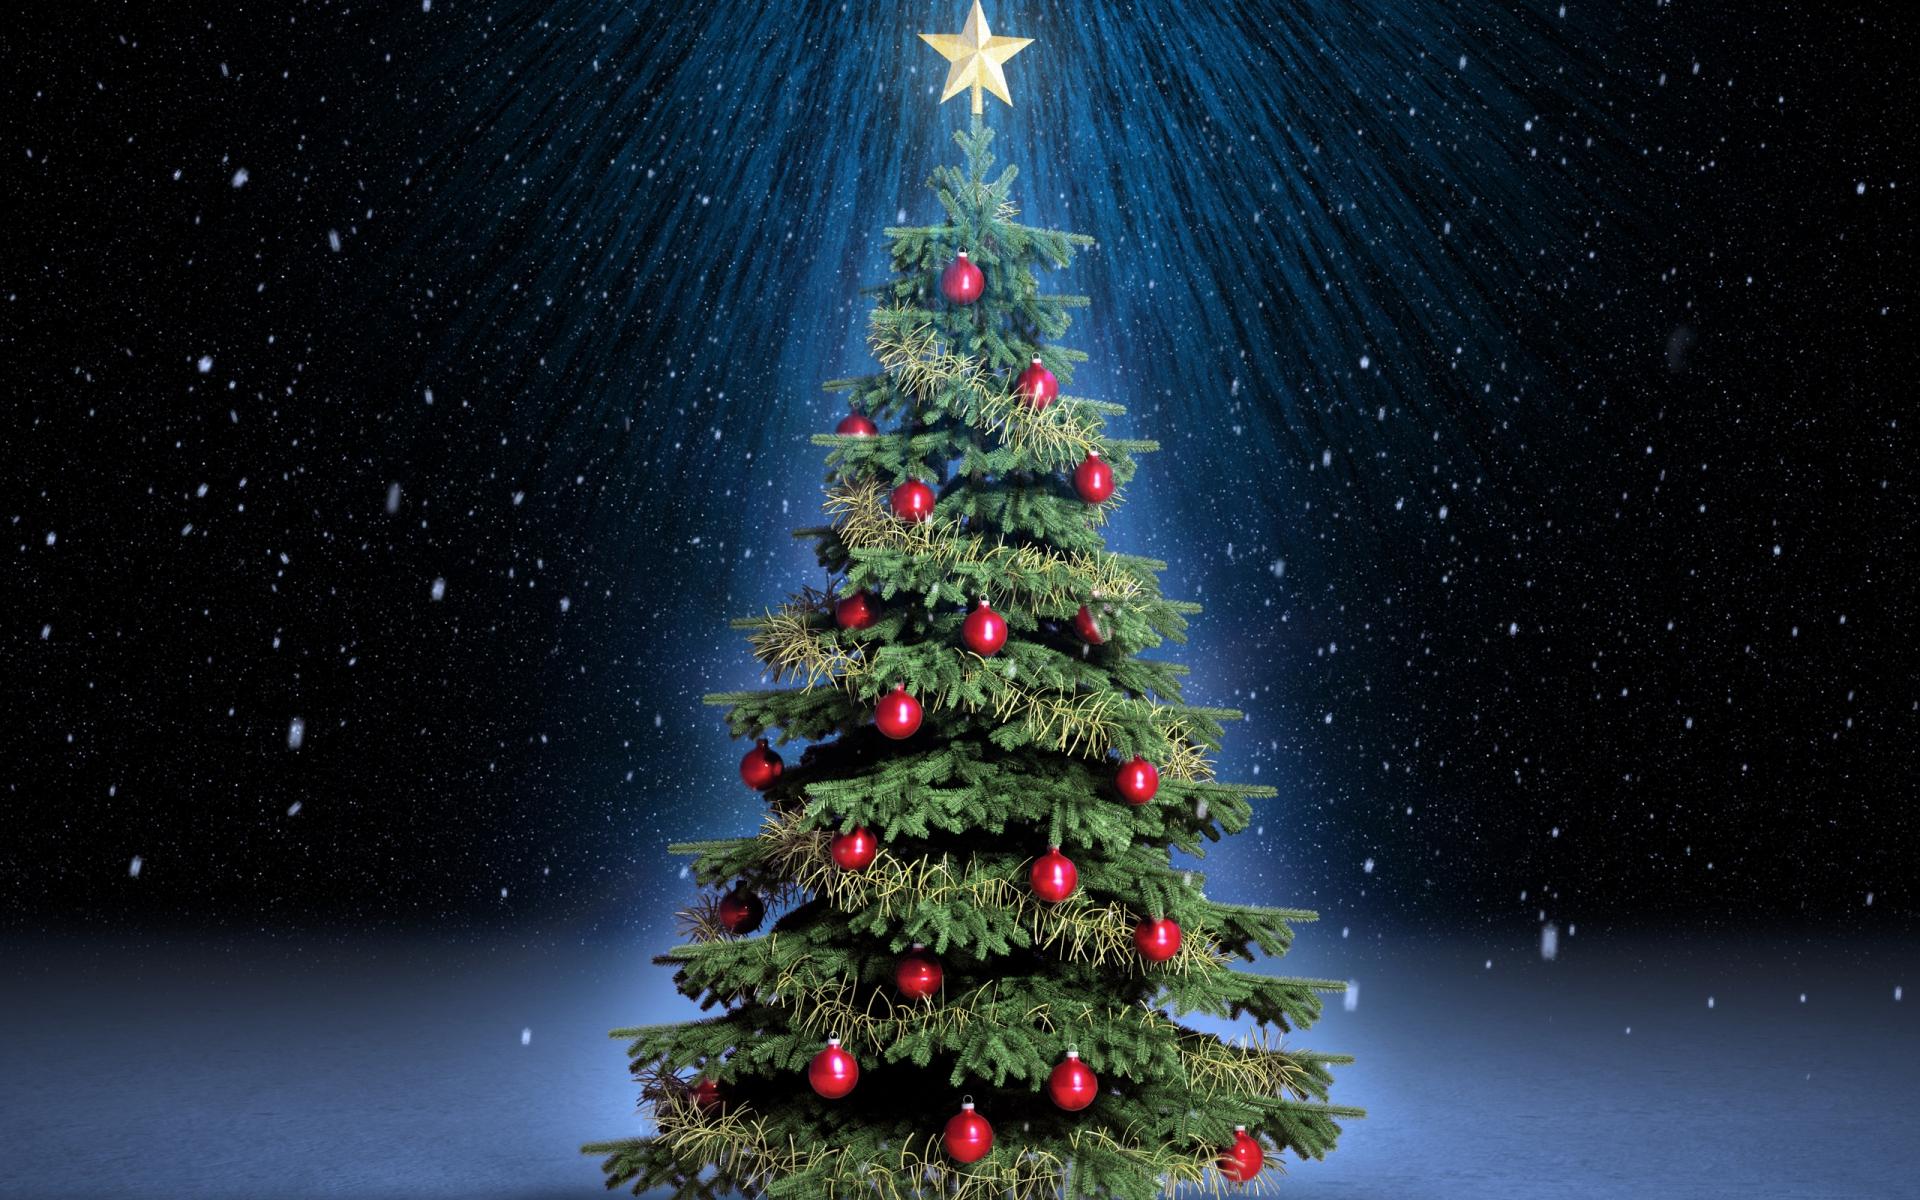 Новый год настает - C Рождеством Христовым поздравительные картинки